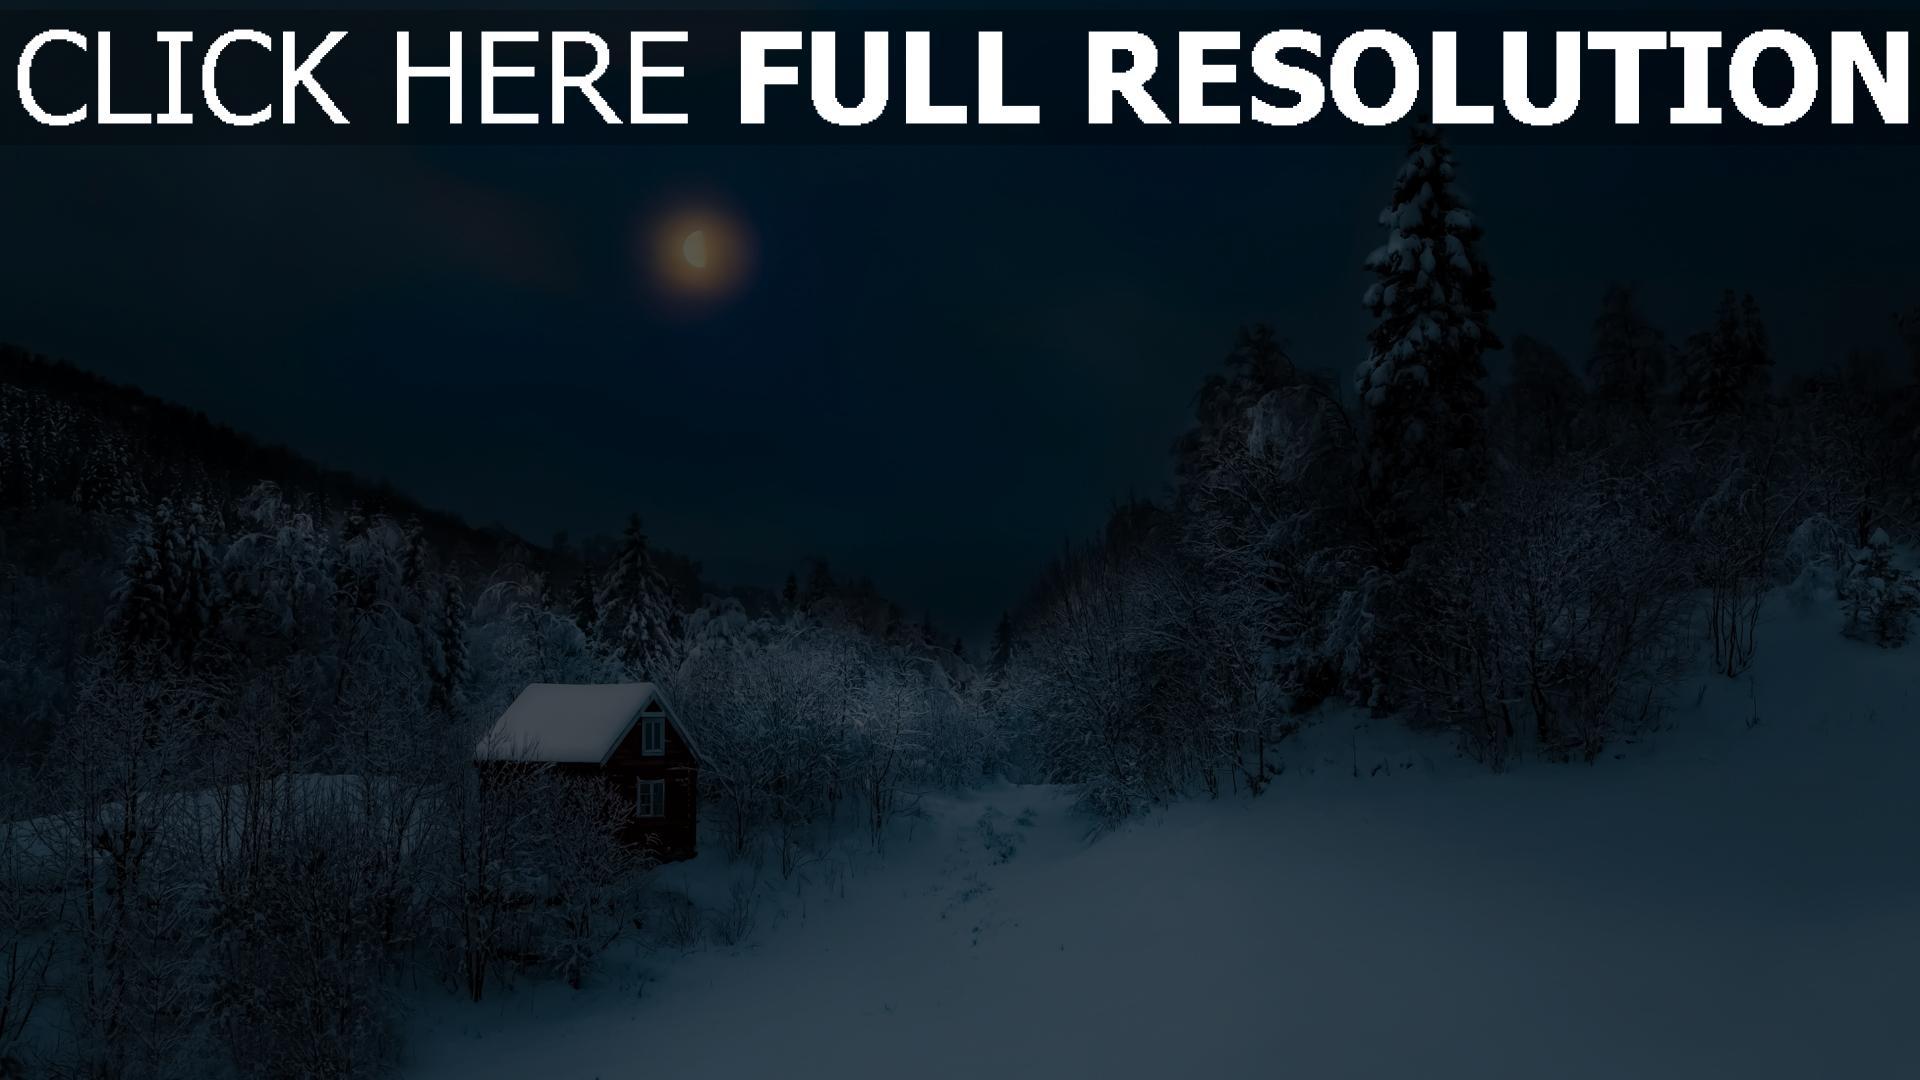 hd hintergrundbilder schnee winter haus wald bäume mond 1920x1080